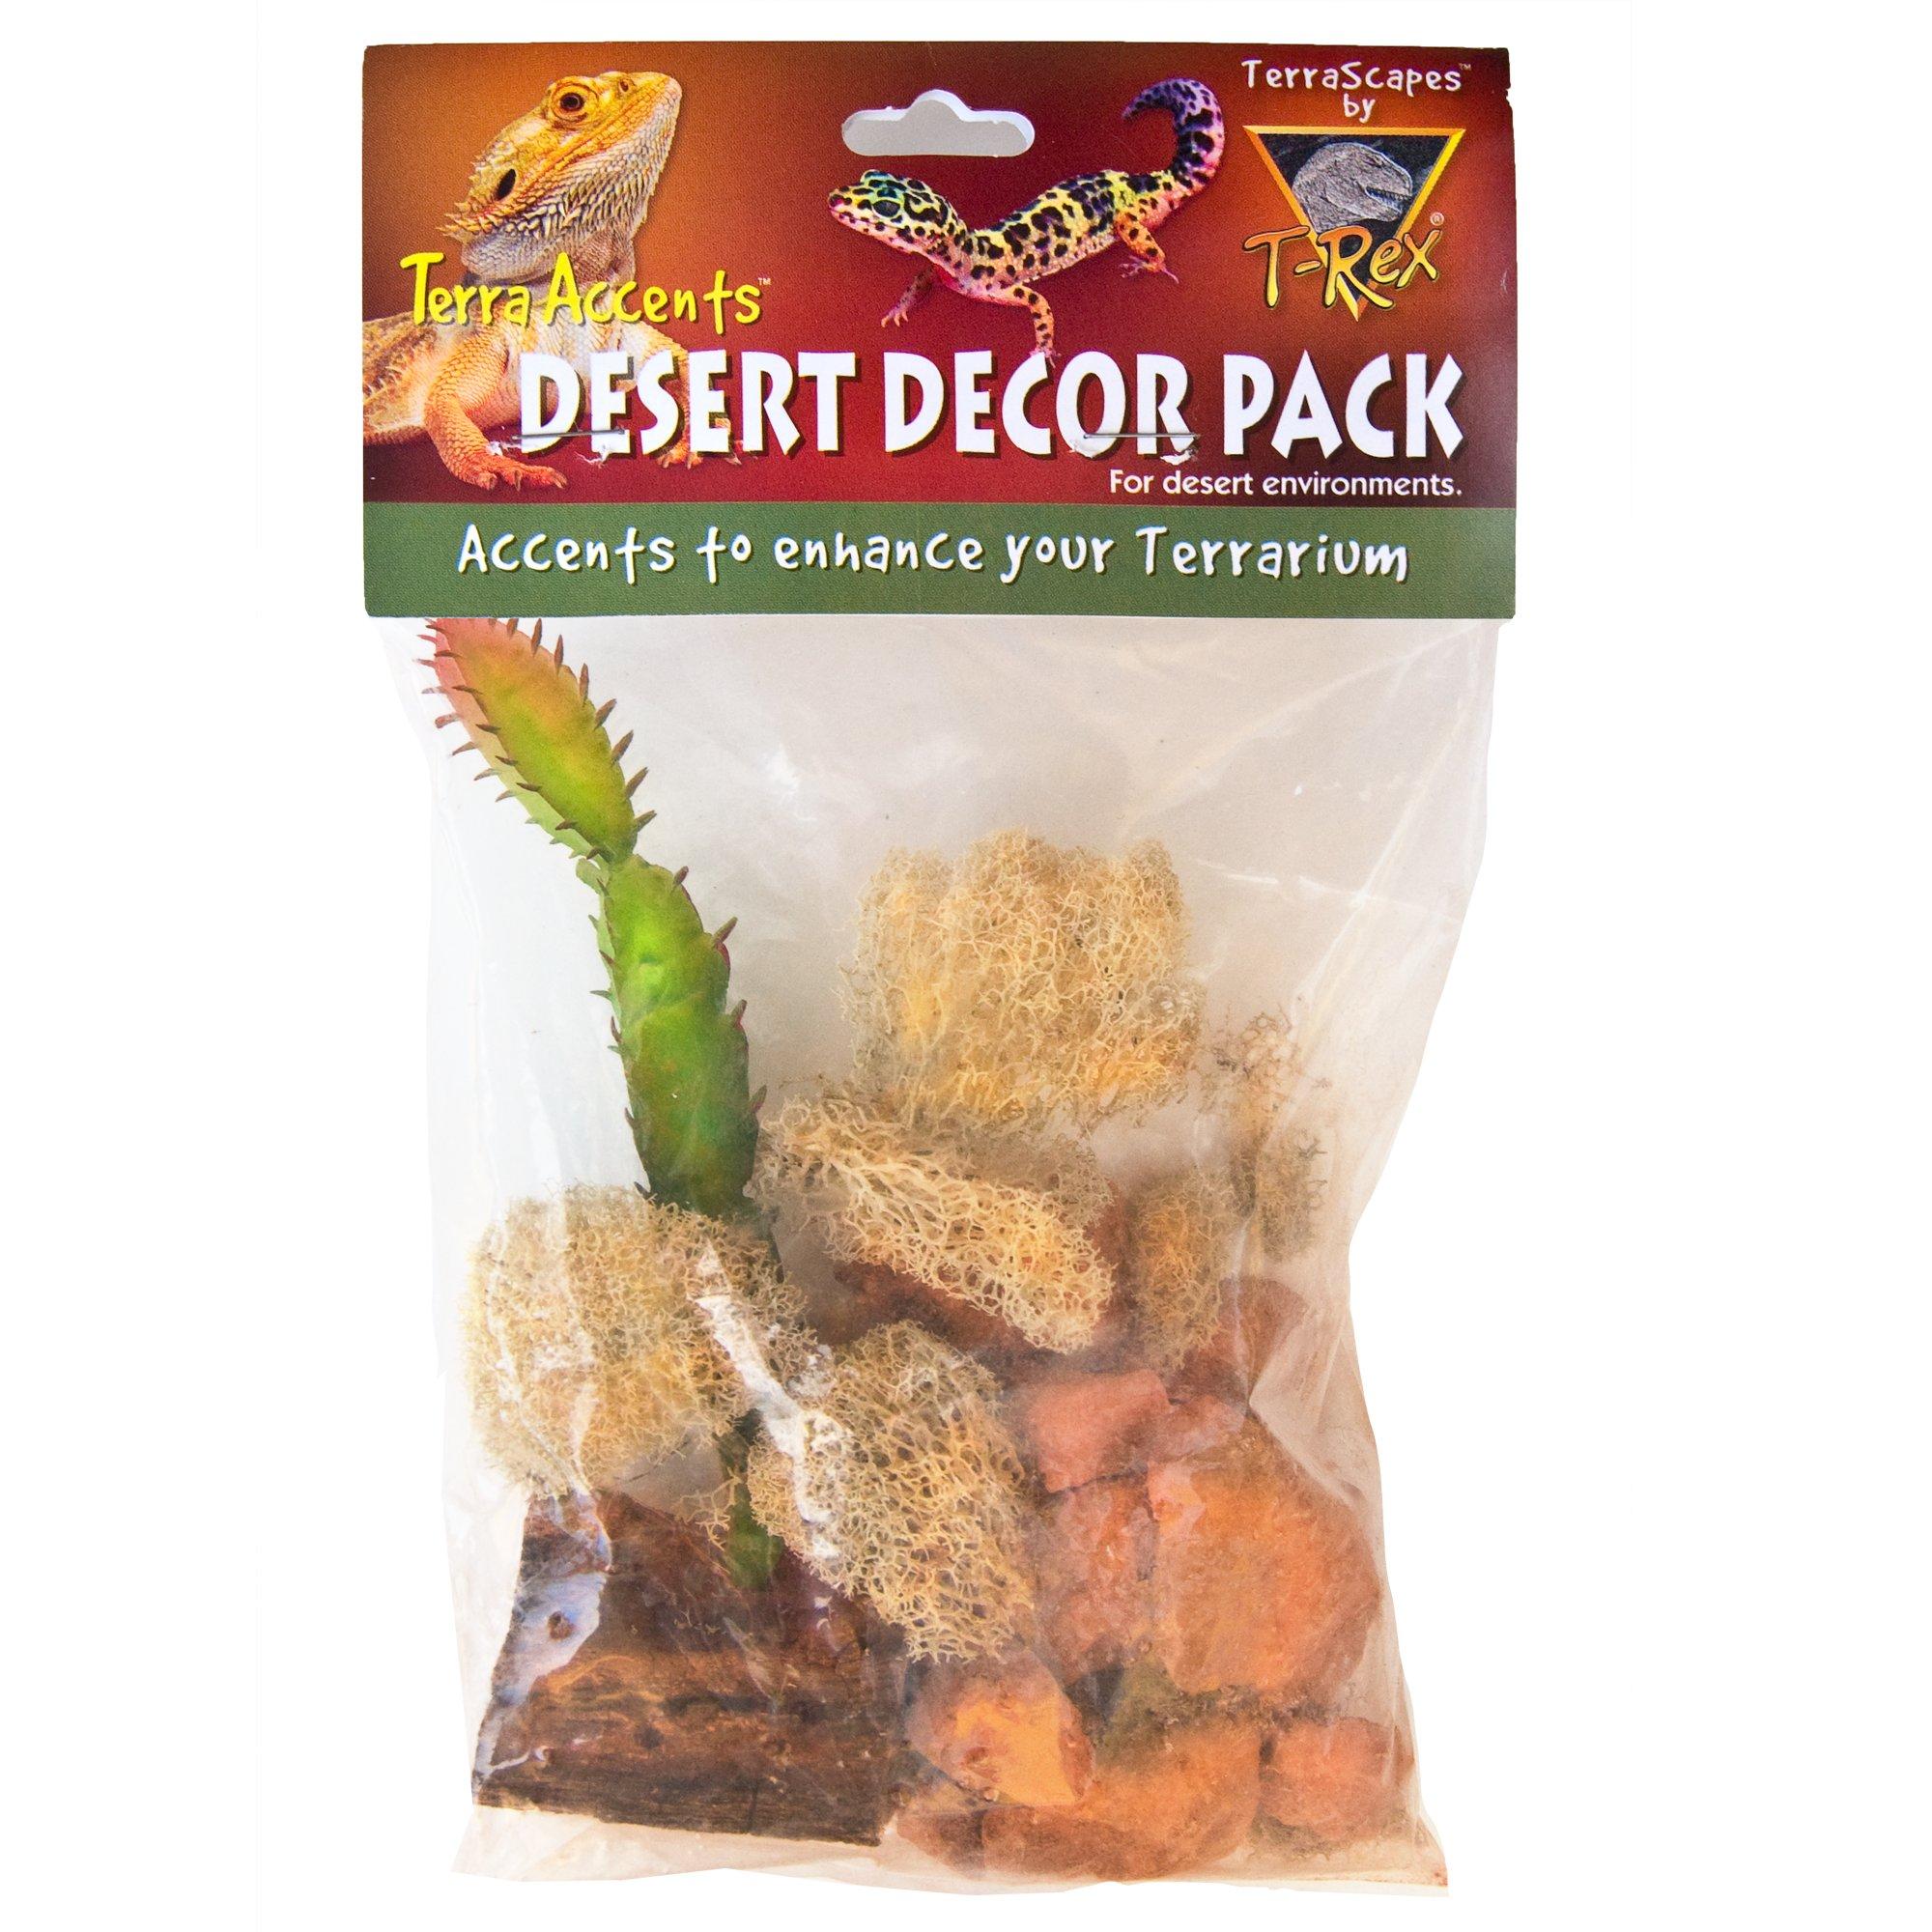 T-Rex Terra Accents Desert Decor Pack